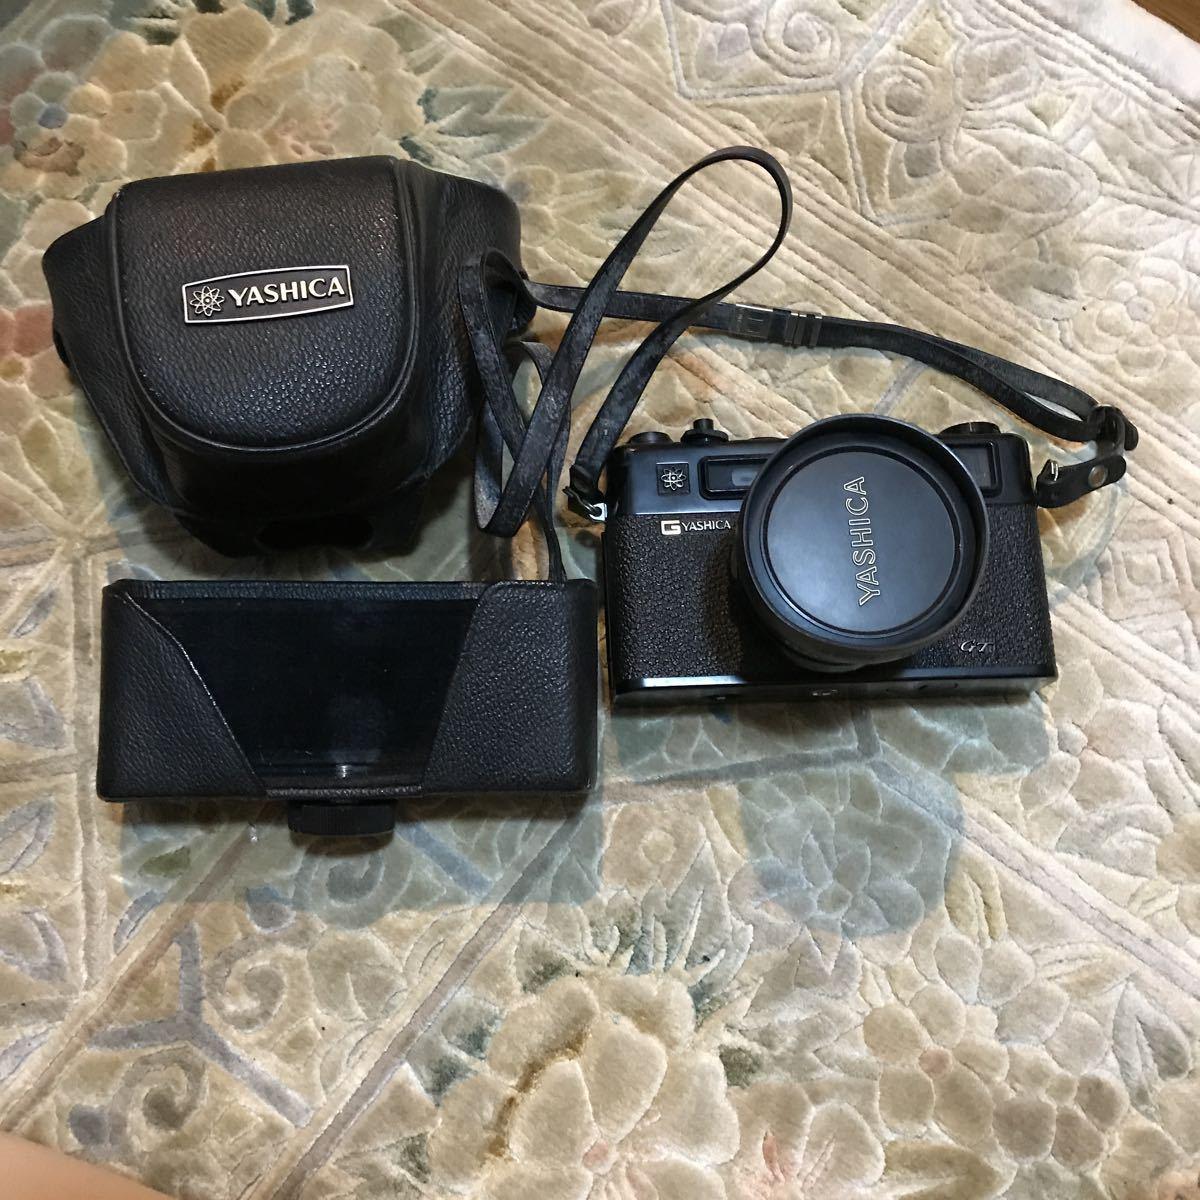 Yashica Electro 35 GT ブラック ヤシカ エレクトロ 35 レンジファインダー 一眼レフ フィルムカメラ